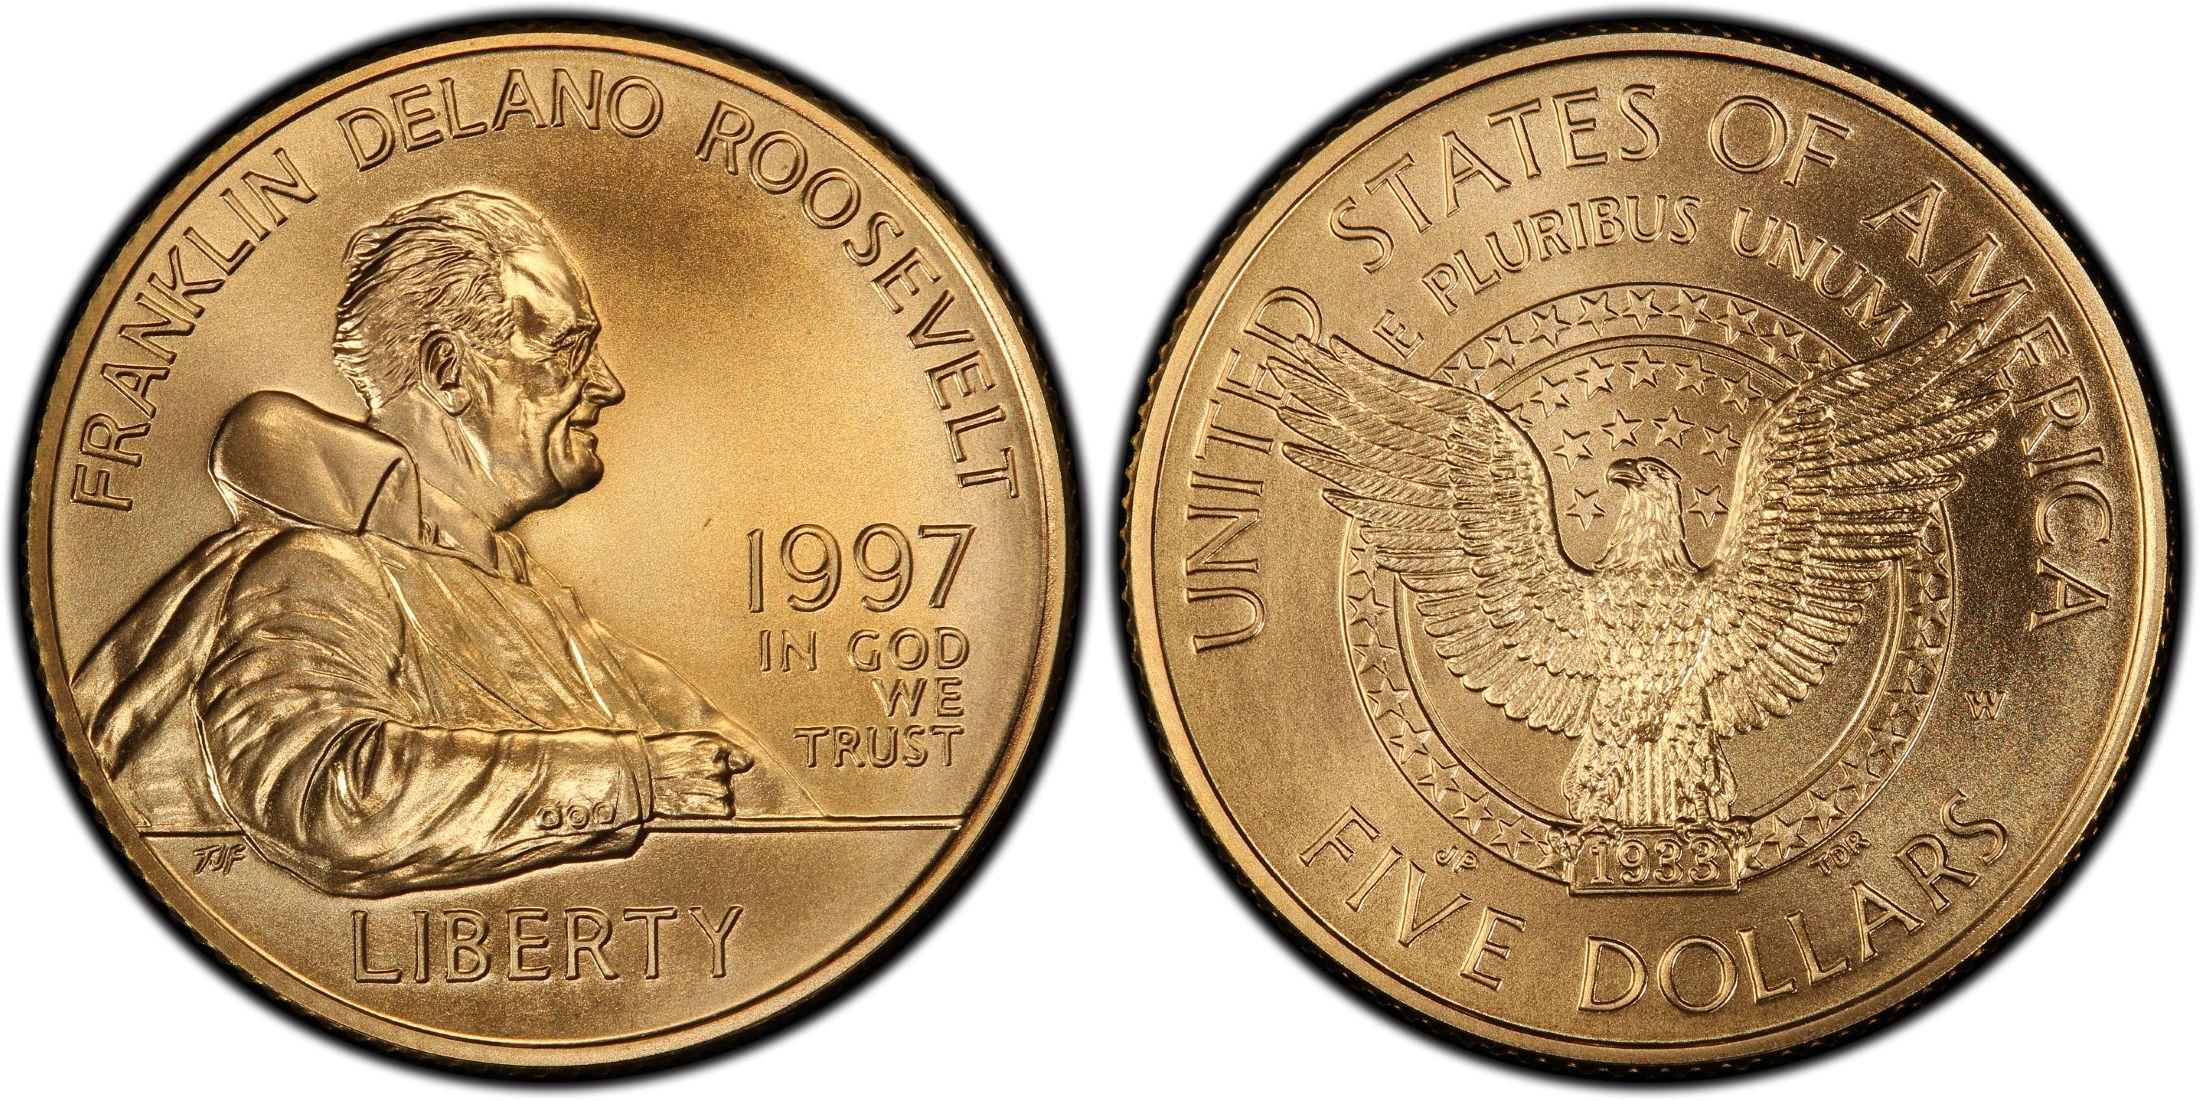 1997 FDR $5 Gold